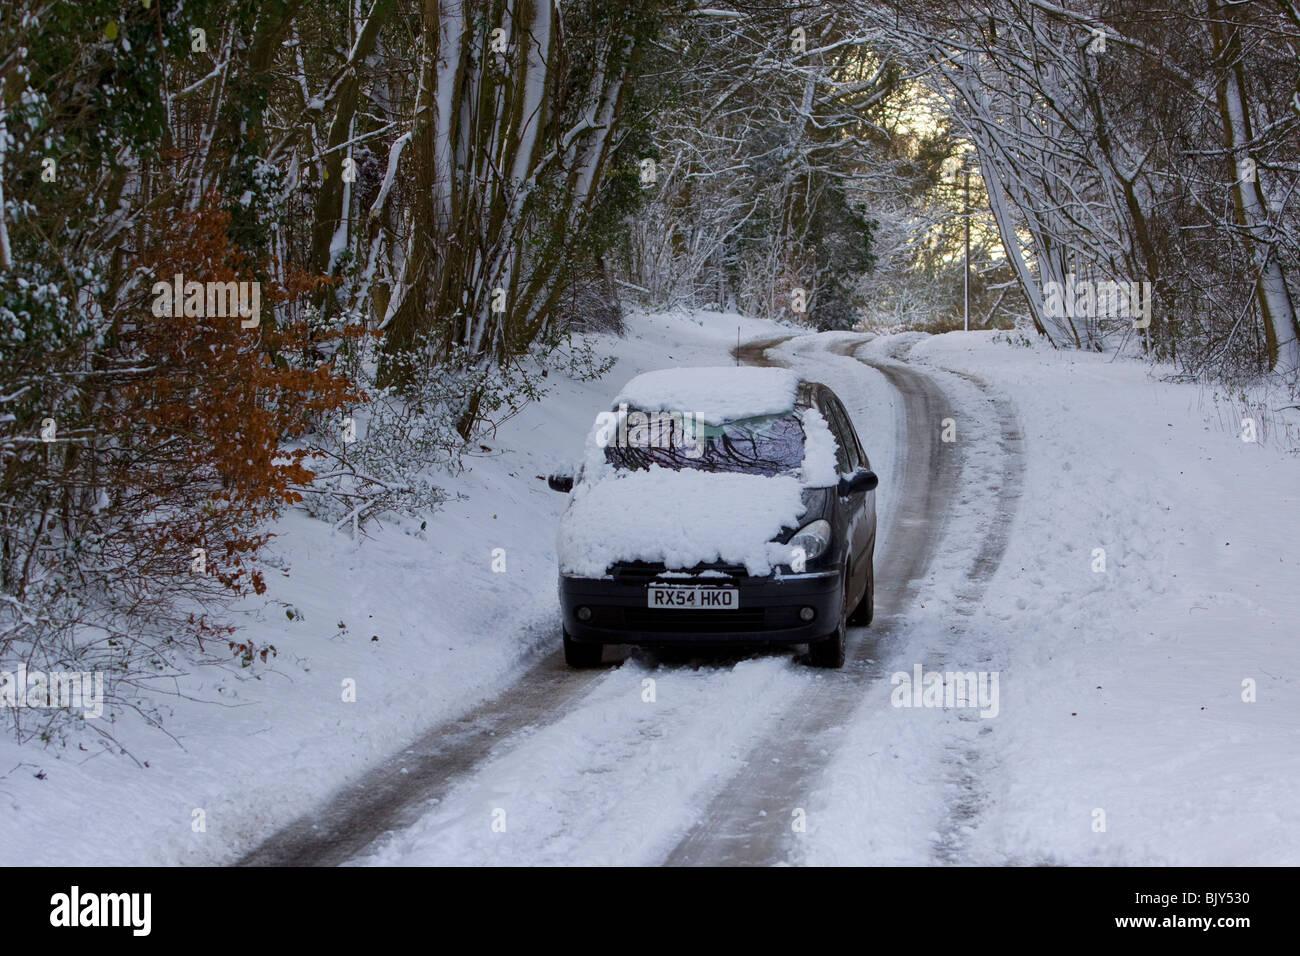 Unità nevoso inverno Neve guida condizioni pericolose Immagini Stock